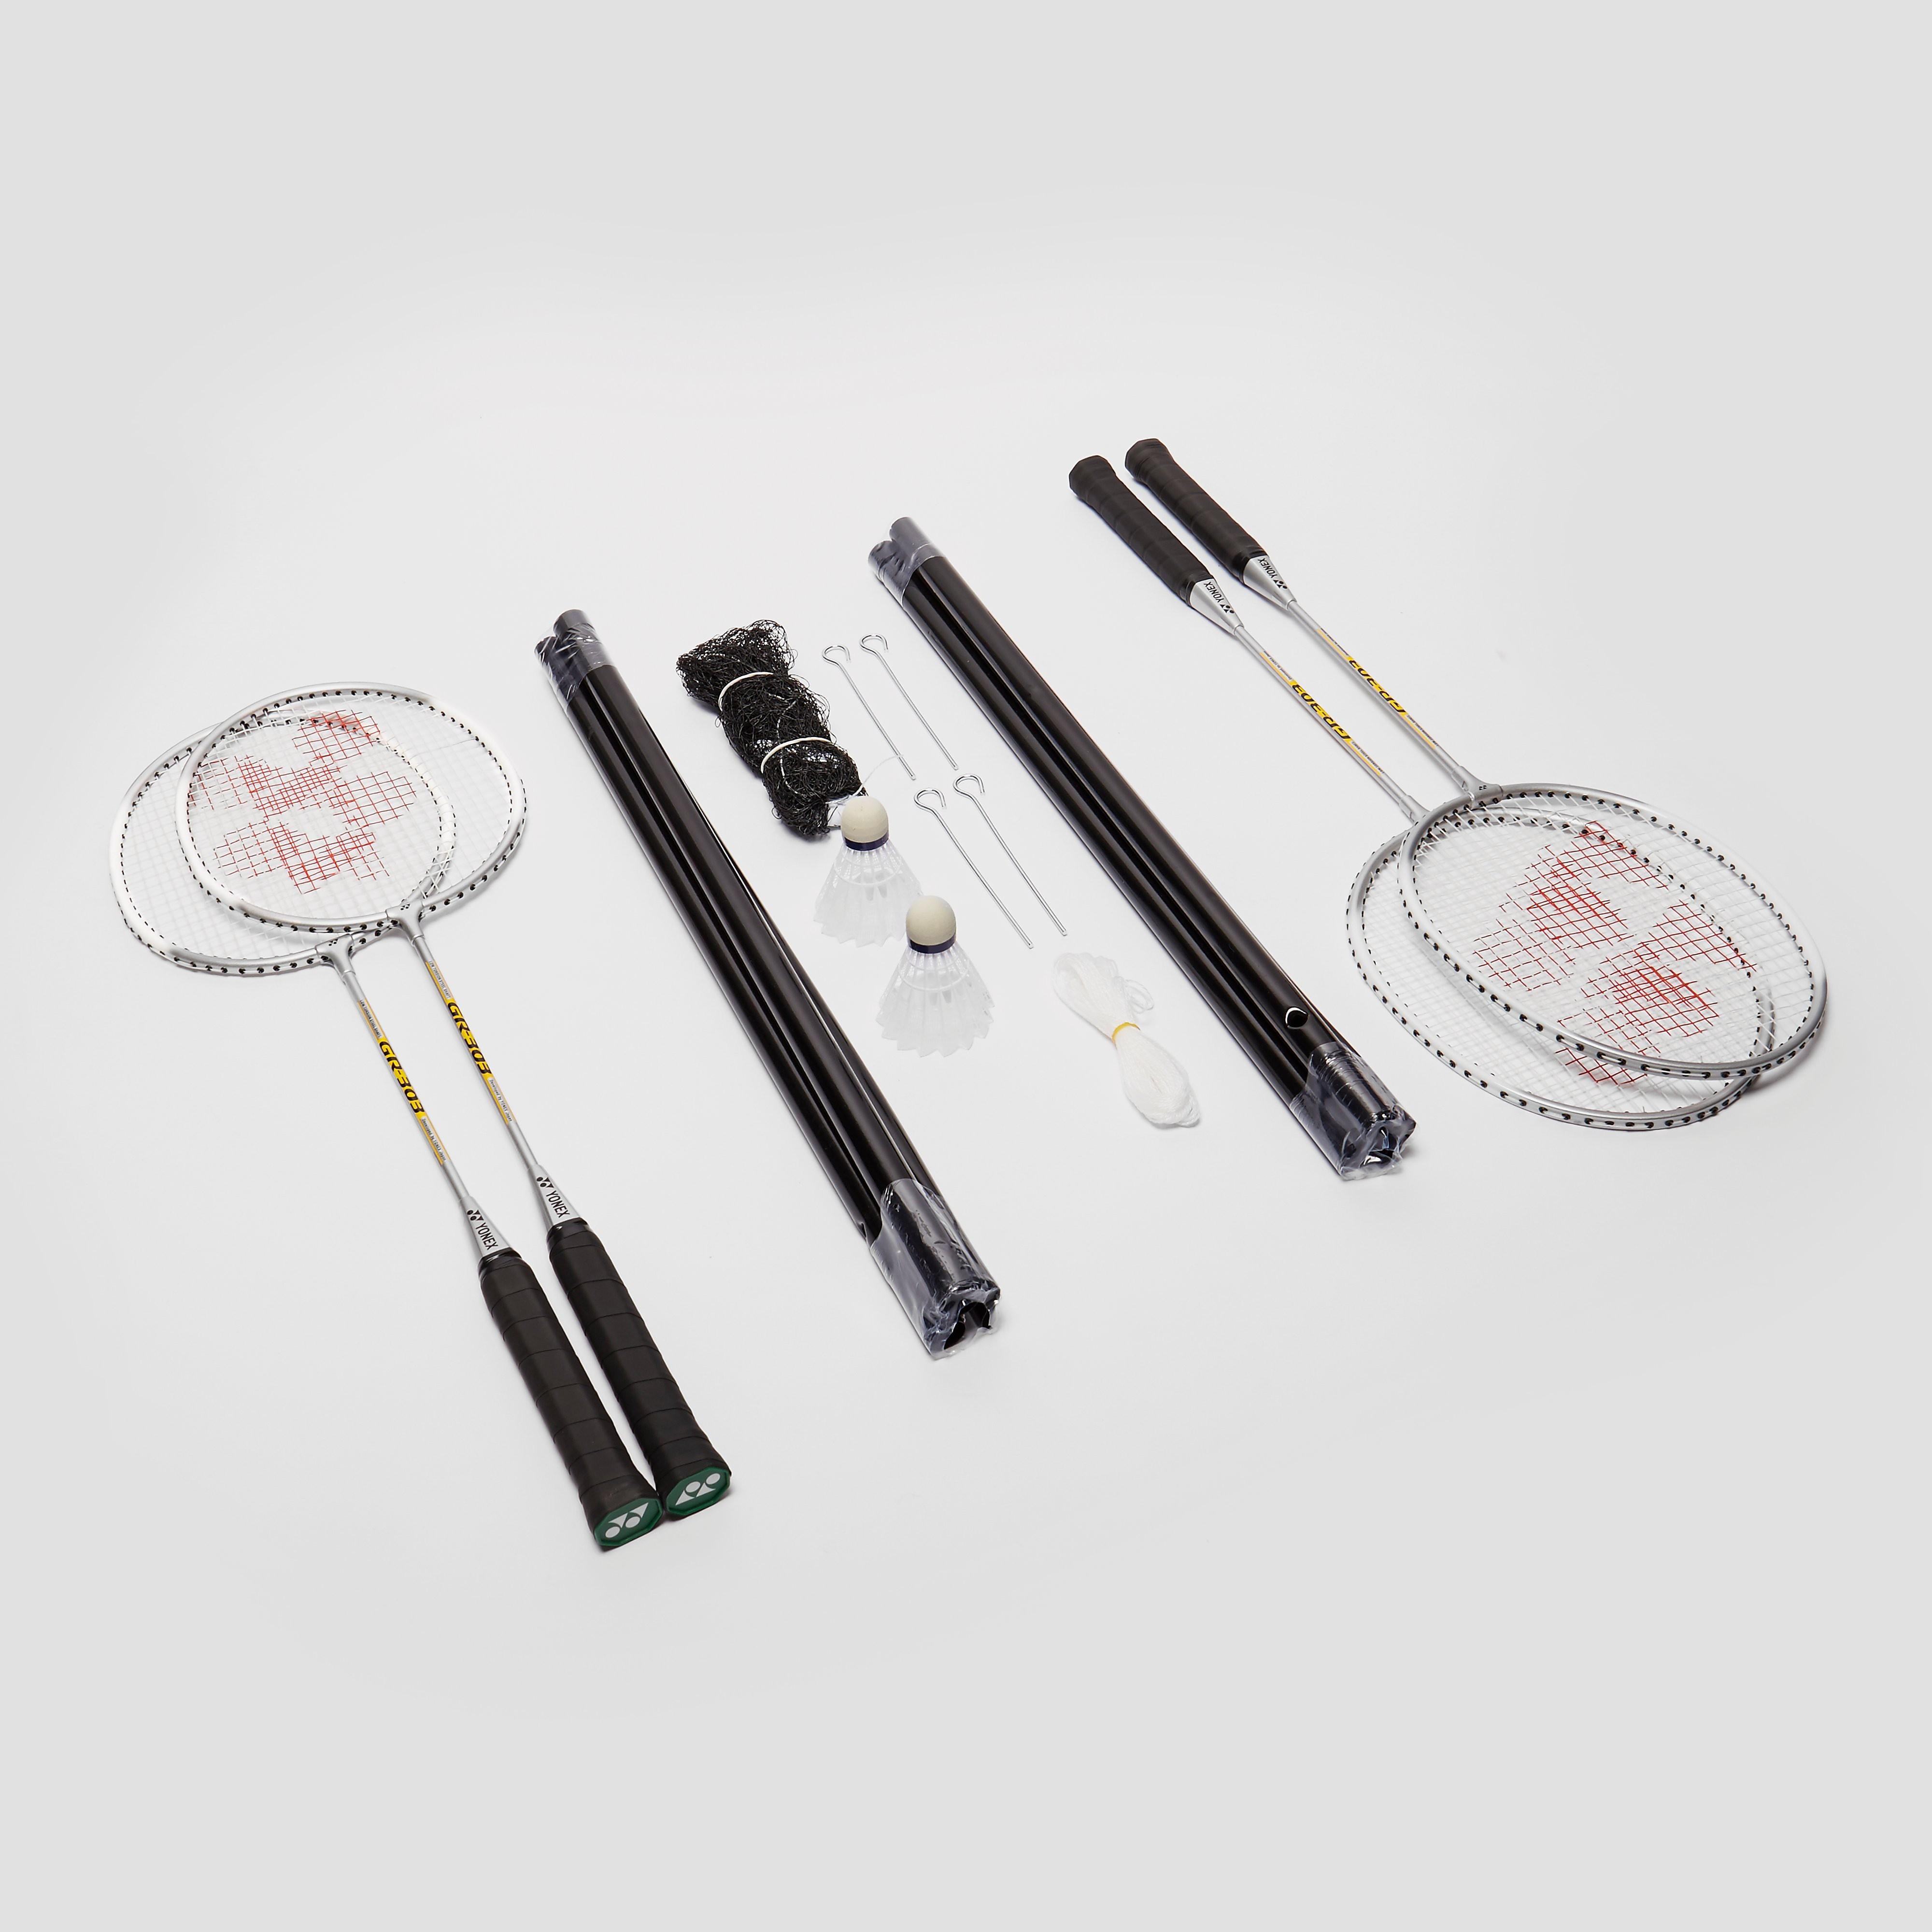 Yonex GR 303S Badminton Racket Set